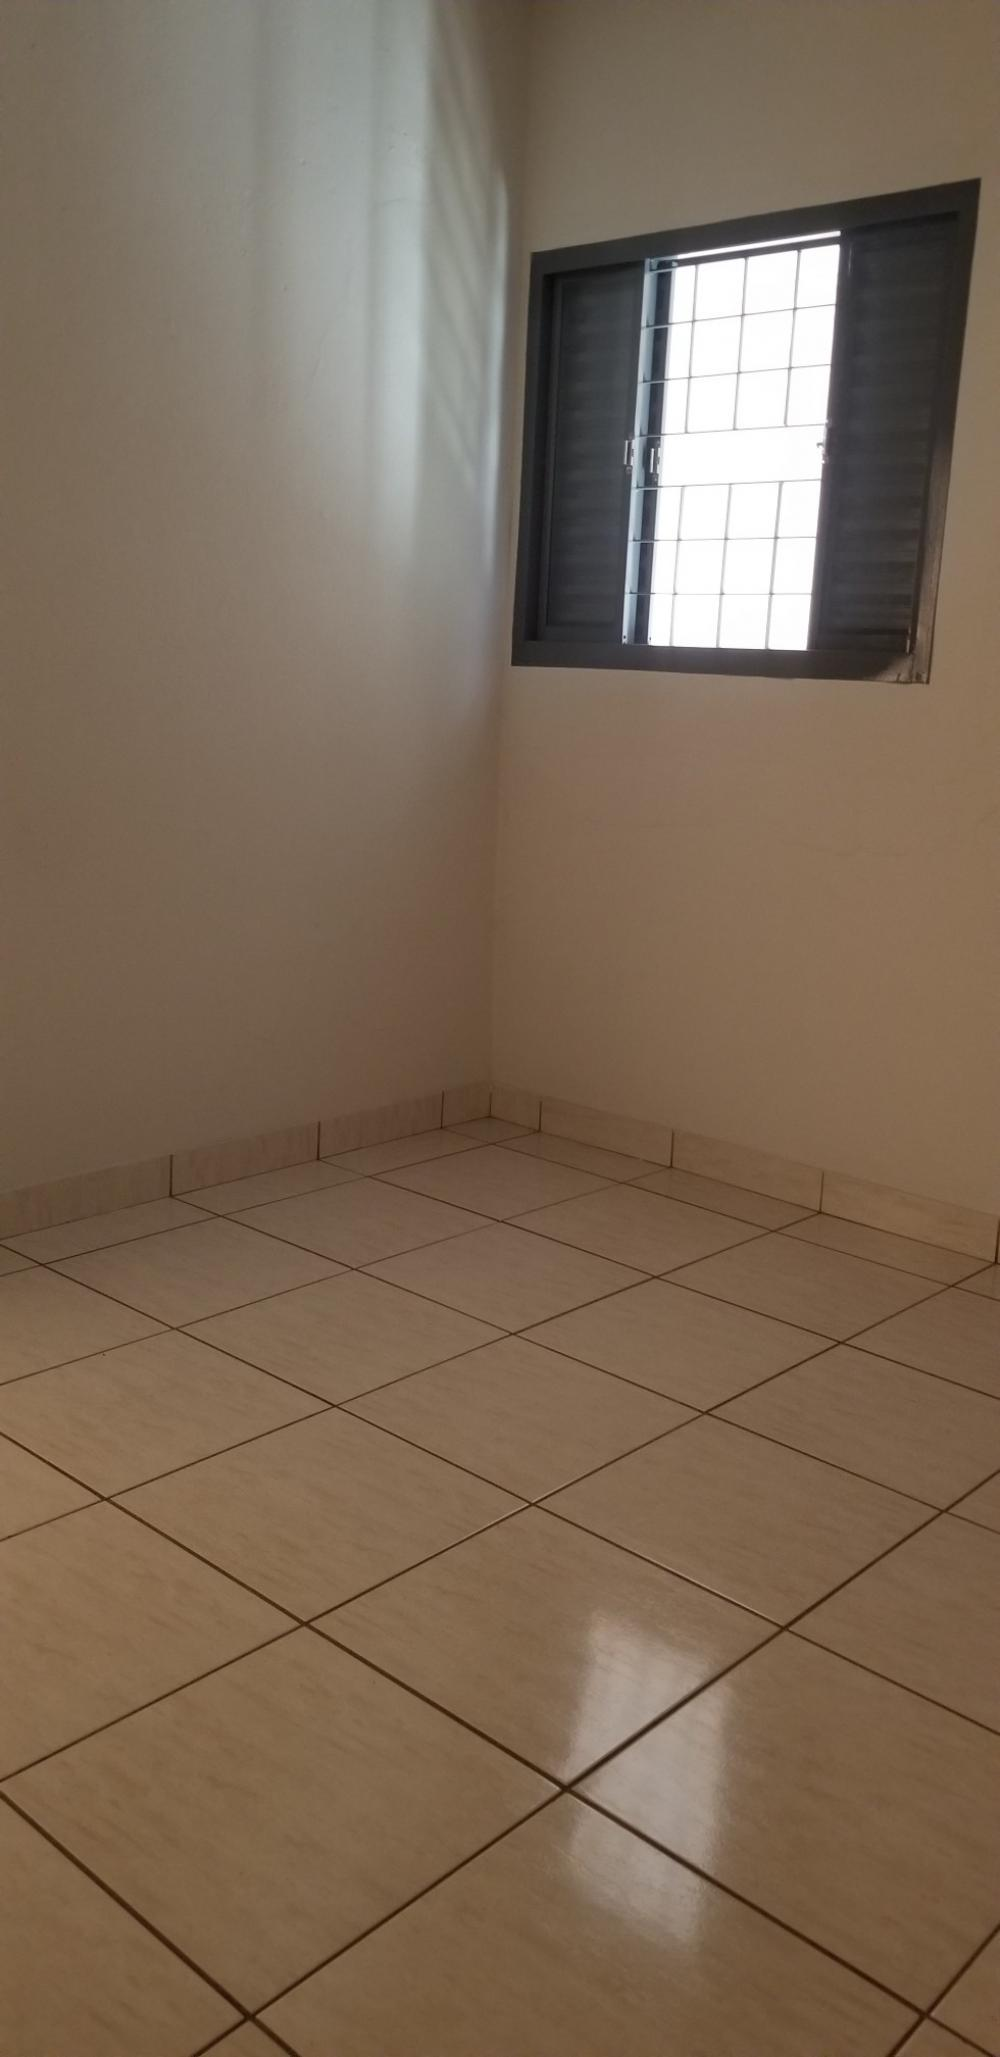 Alugar Casa / Padrão em Ribeirão Preto R$ 700,00 - Foto 12